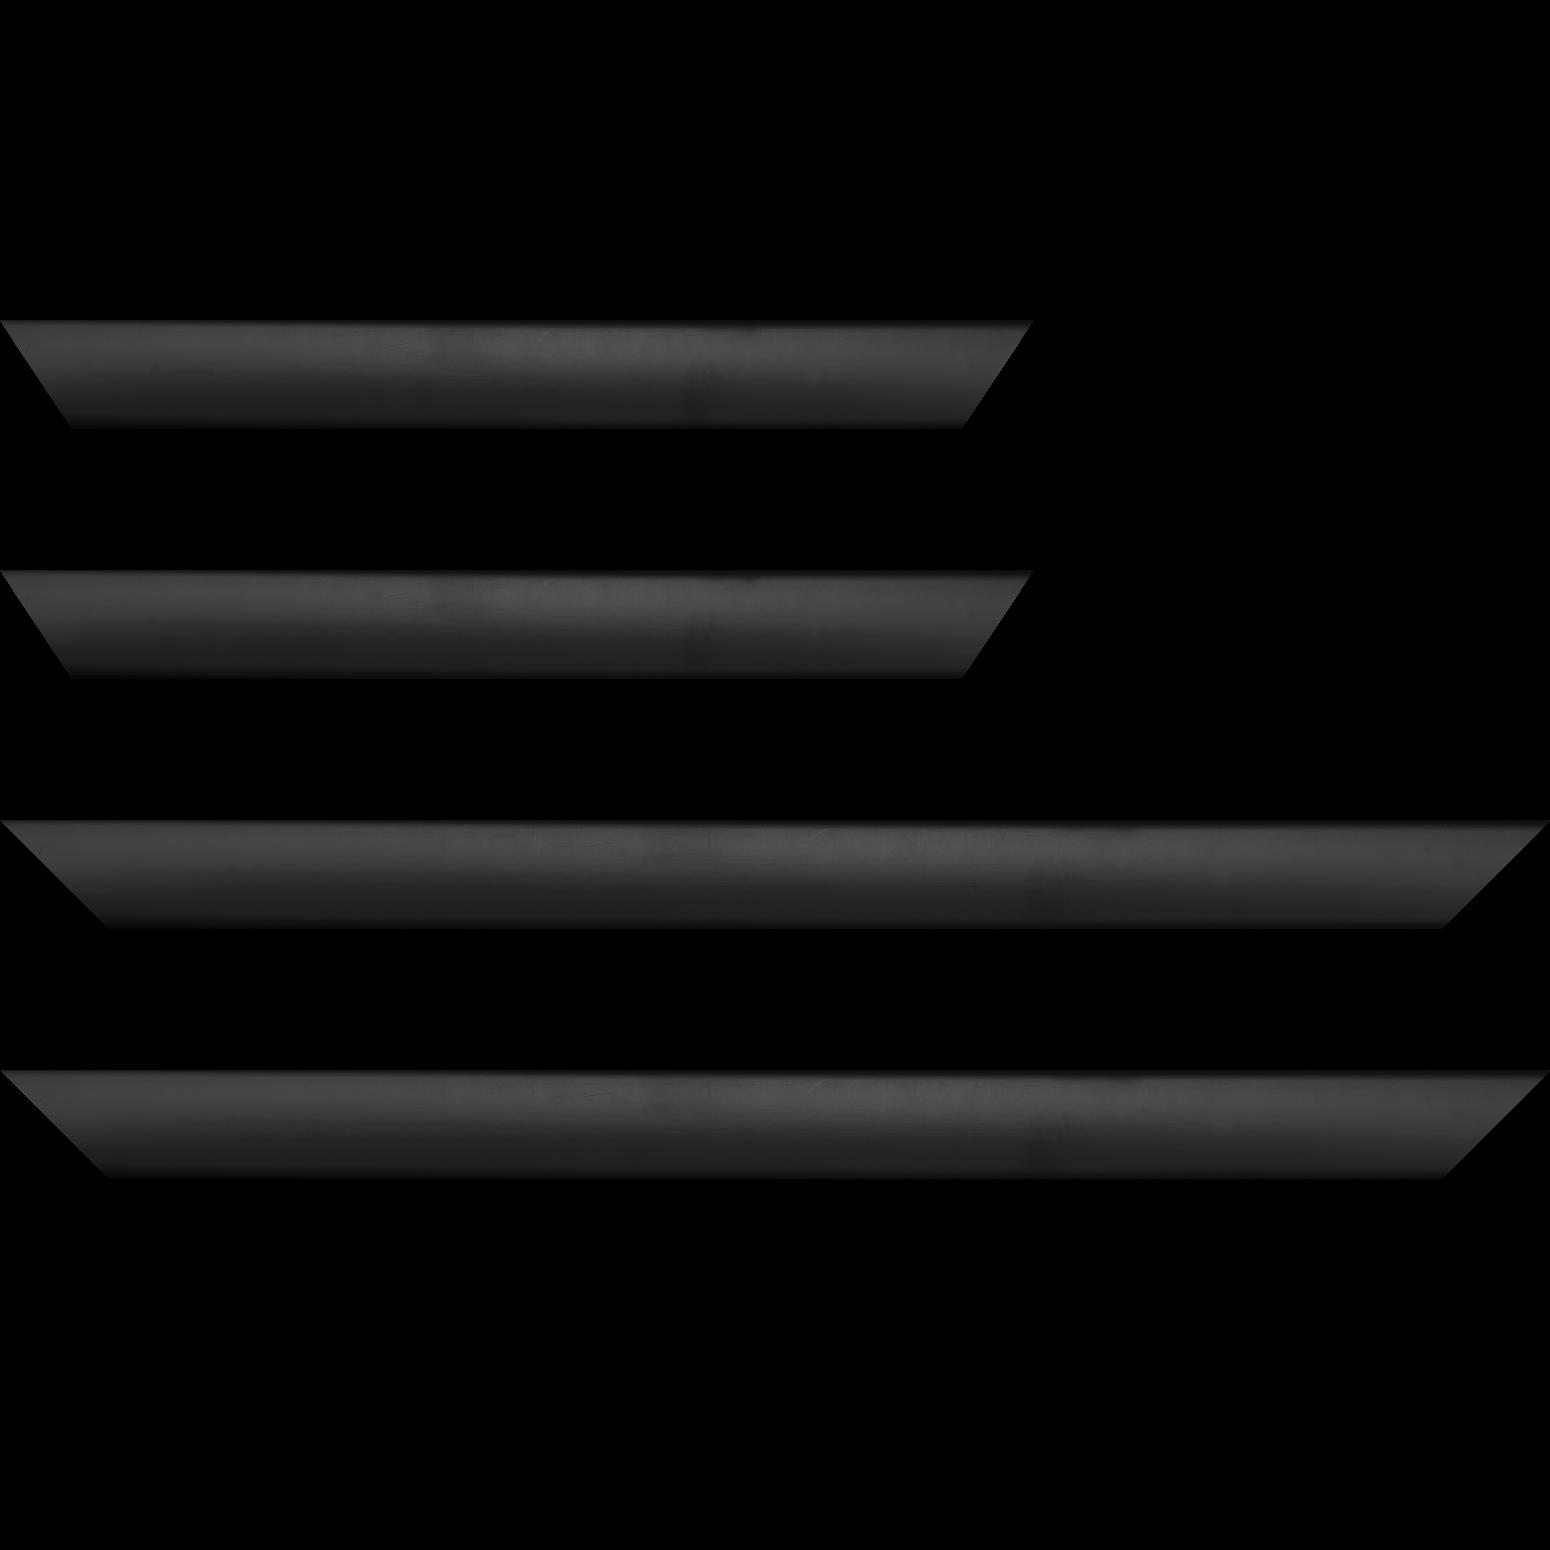 Baguette bois profil méplat largeur 3.7cm couleur noir satiné effet cube